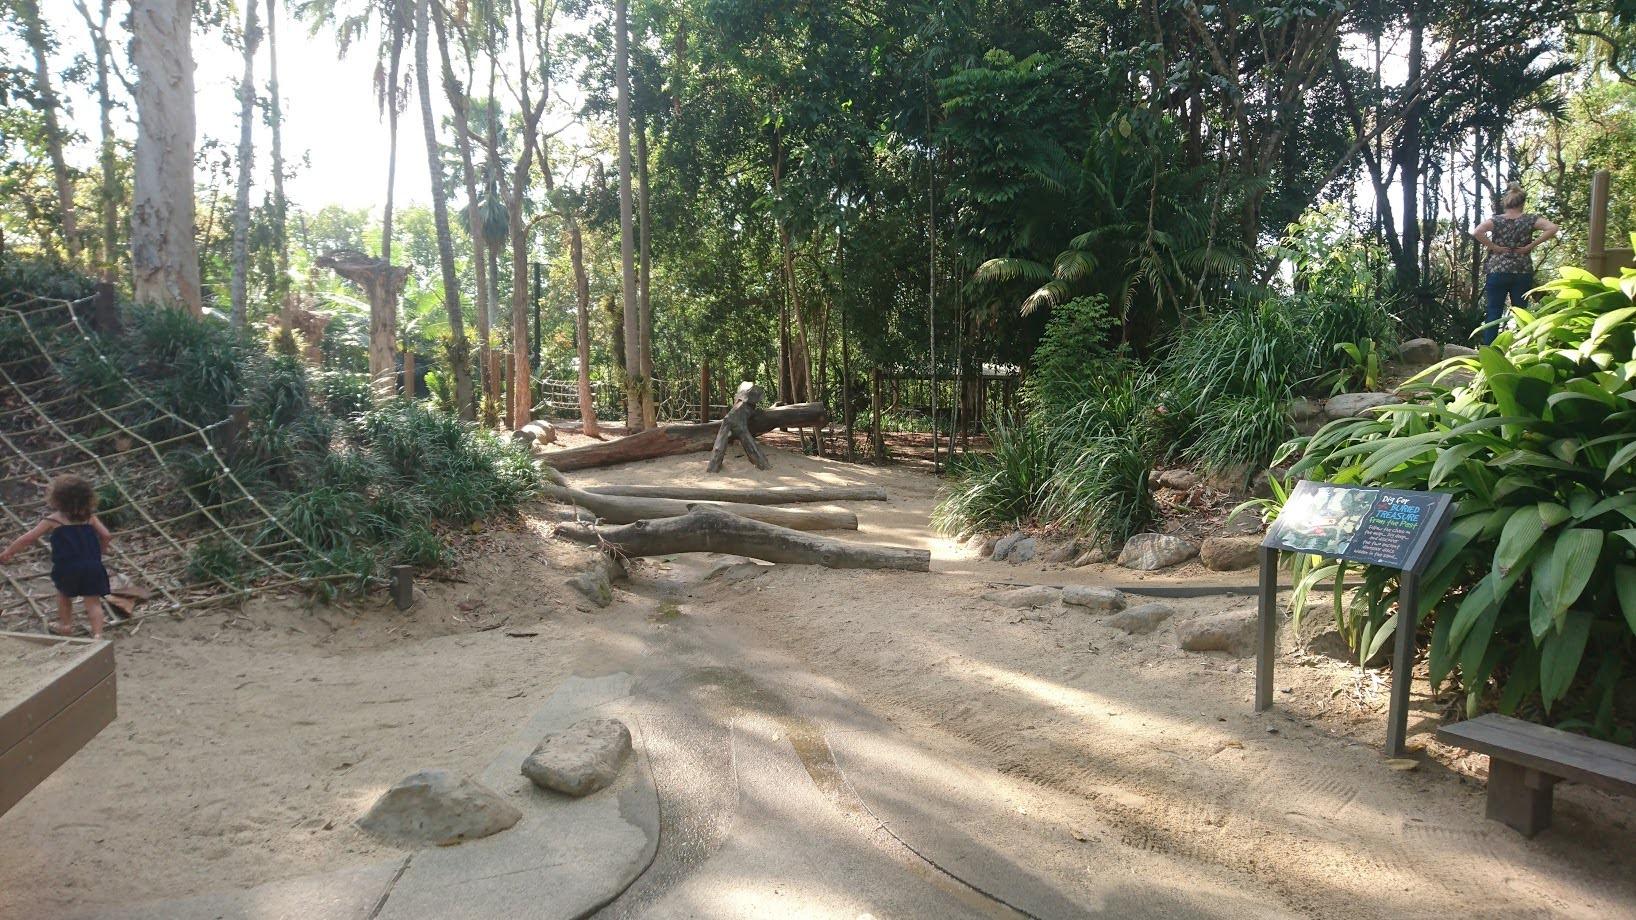 Centenary lakes playground view